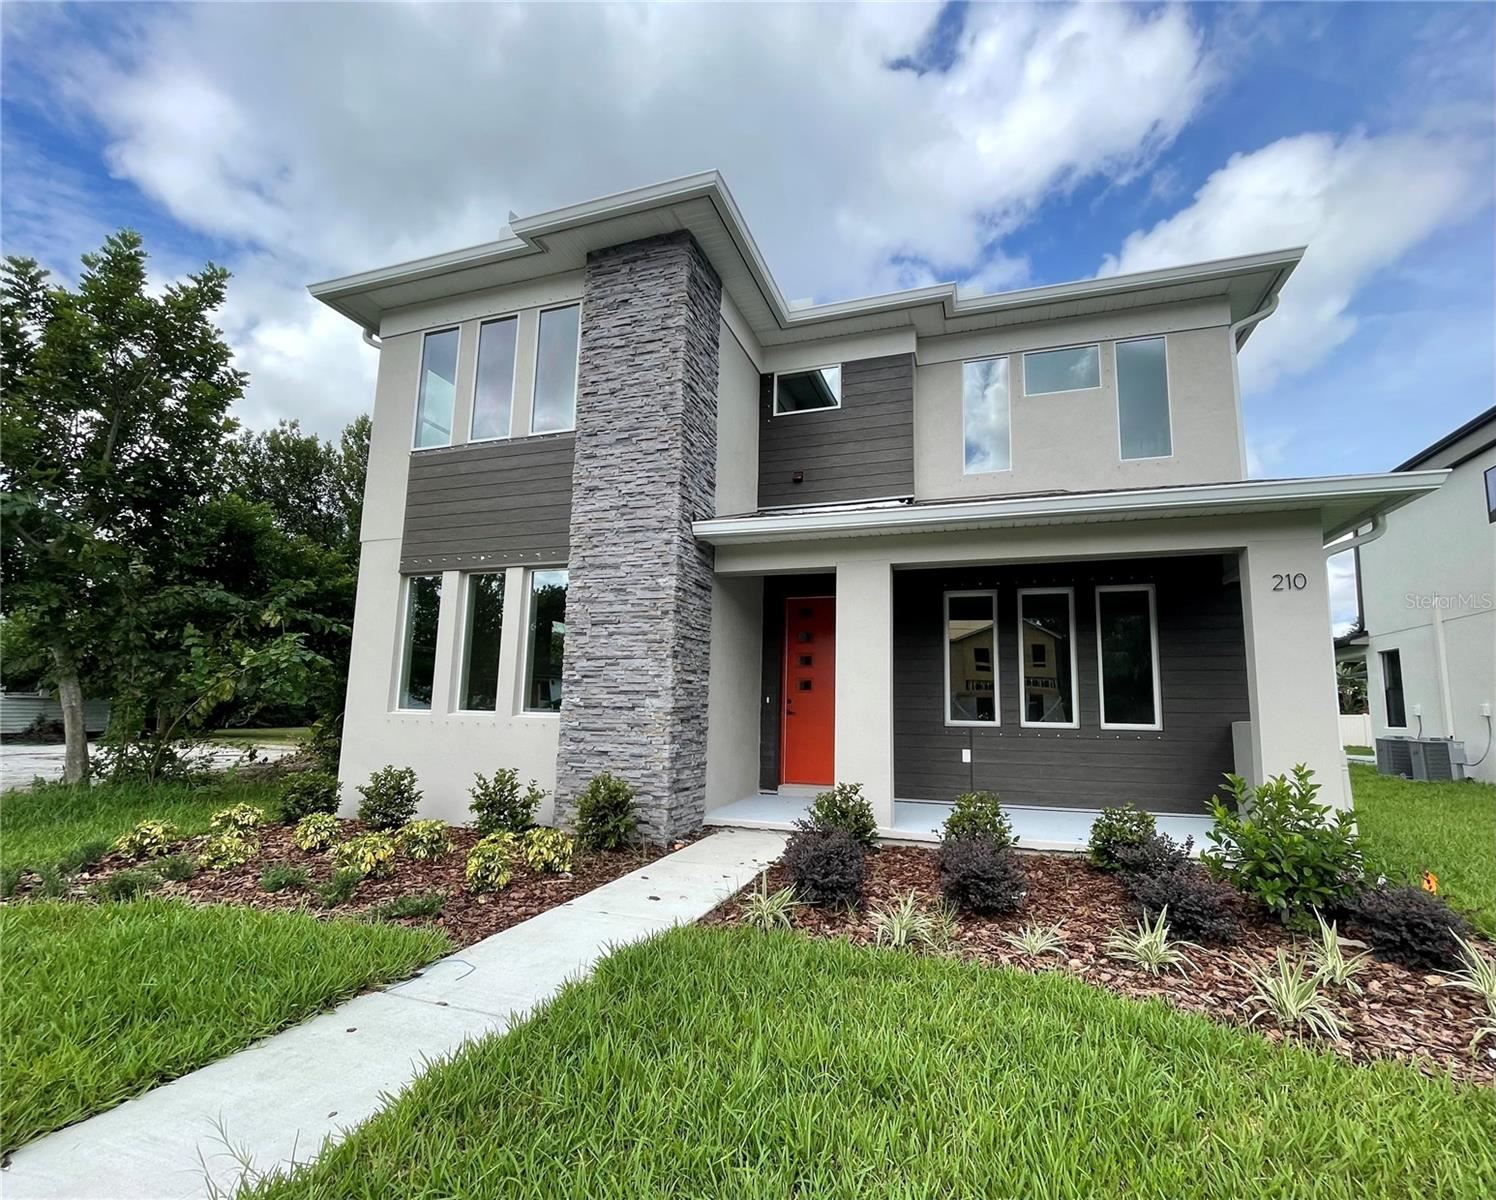 210 N MACDILL AVENUE, Tampa, FL 33609 - MLS#: T3281373